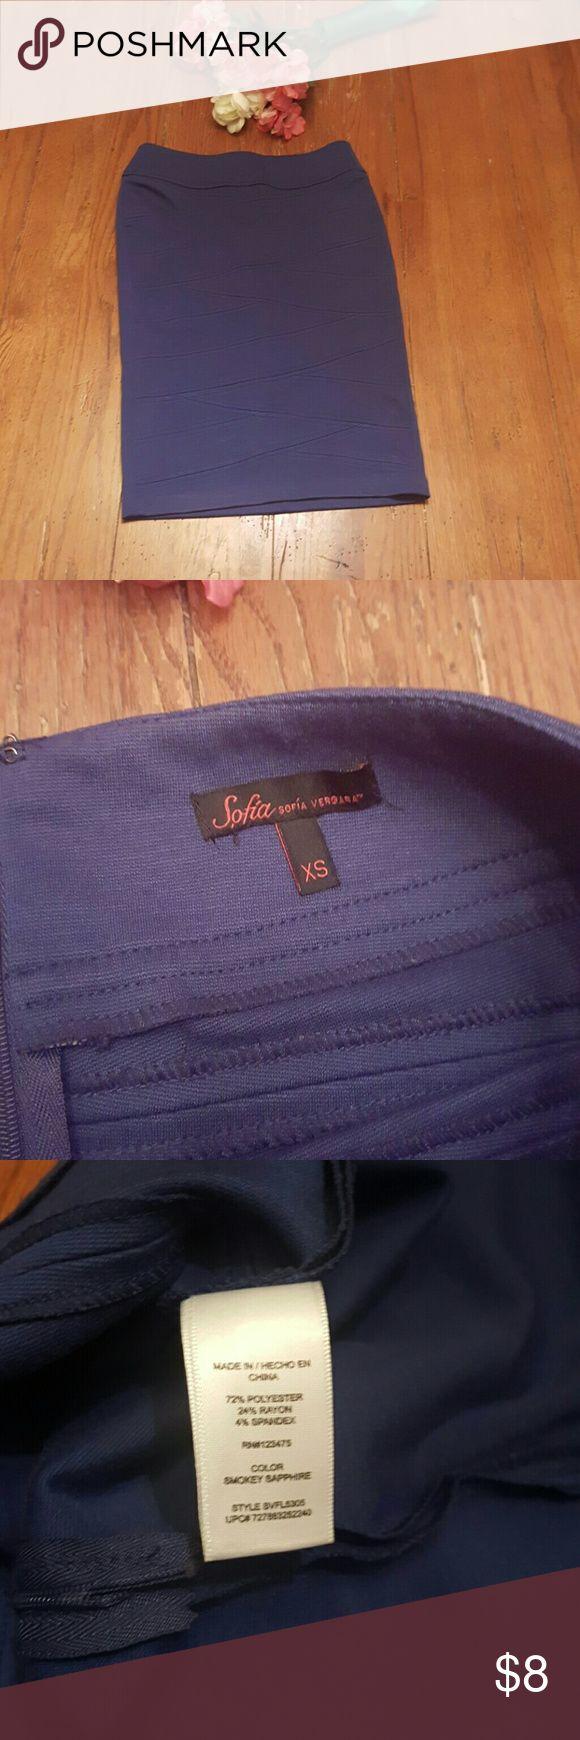 """[Sofia Vergara] Pencil Skirt Brand: Sofia Vergara Size: XS Color: Blue Measurements: Length - 22"""" Waist - 15"""" across Good Condition sofia Vergara Skirts Pencil"""